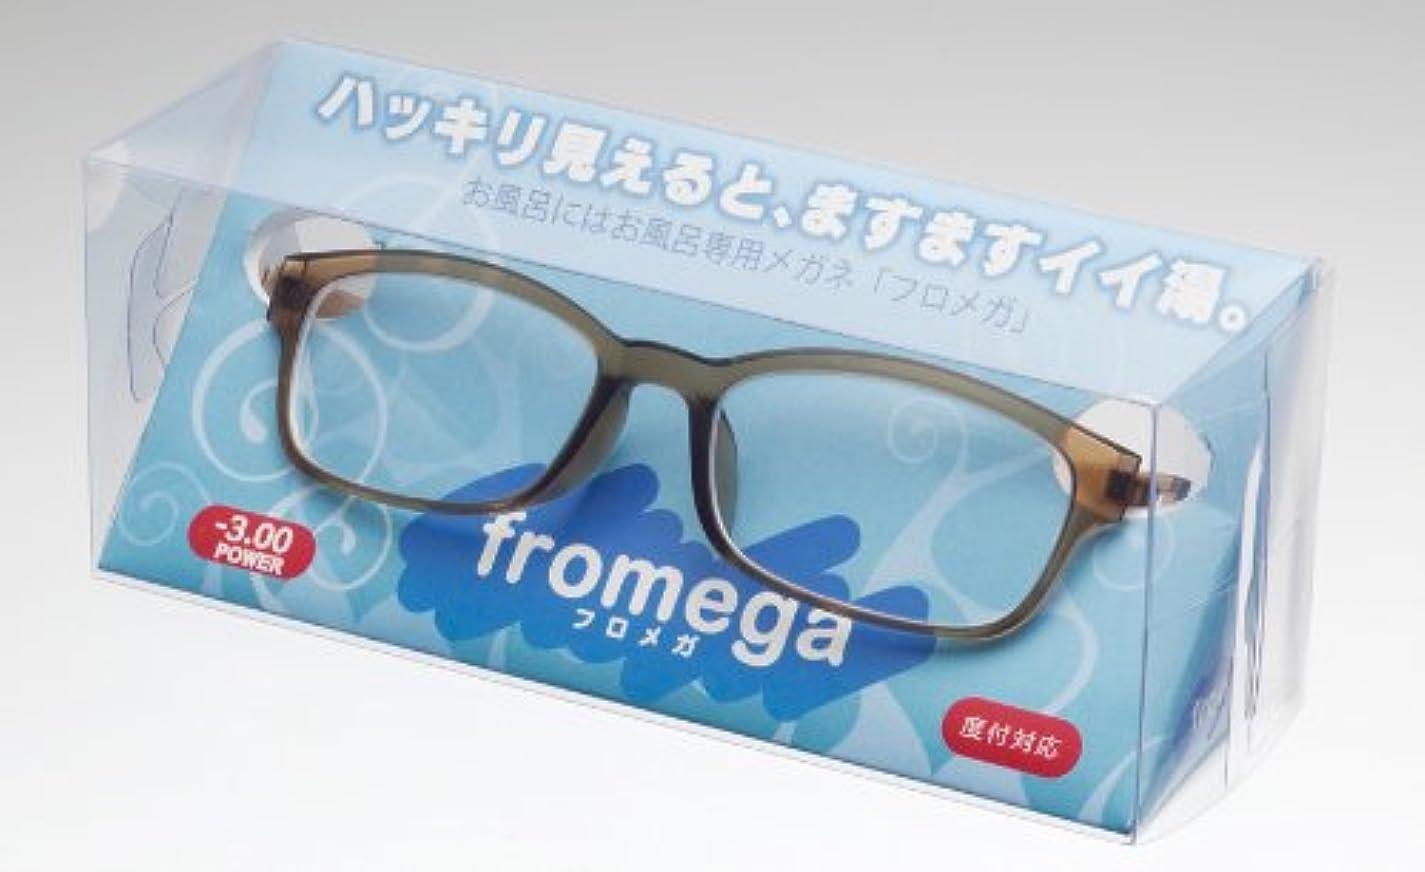 ラケットラウズ試すお風呂用メガネ fromegaフロメガIL-001-5.00